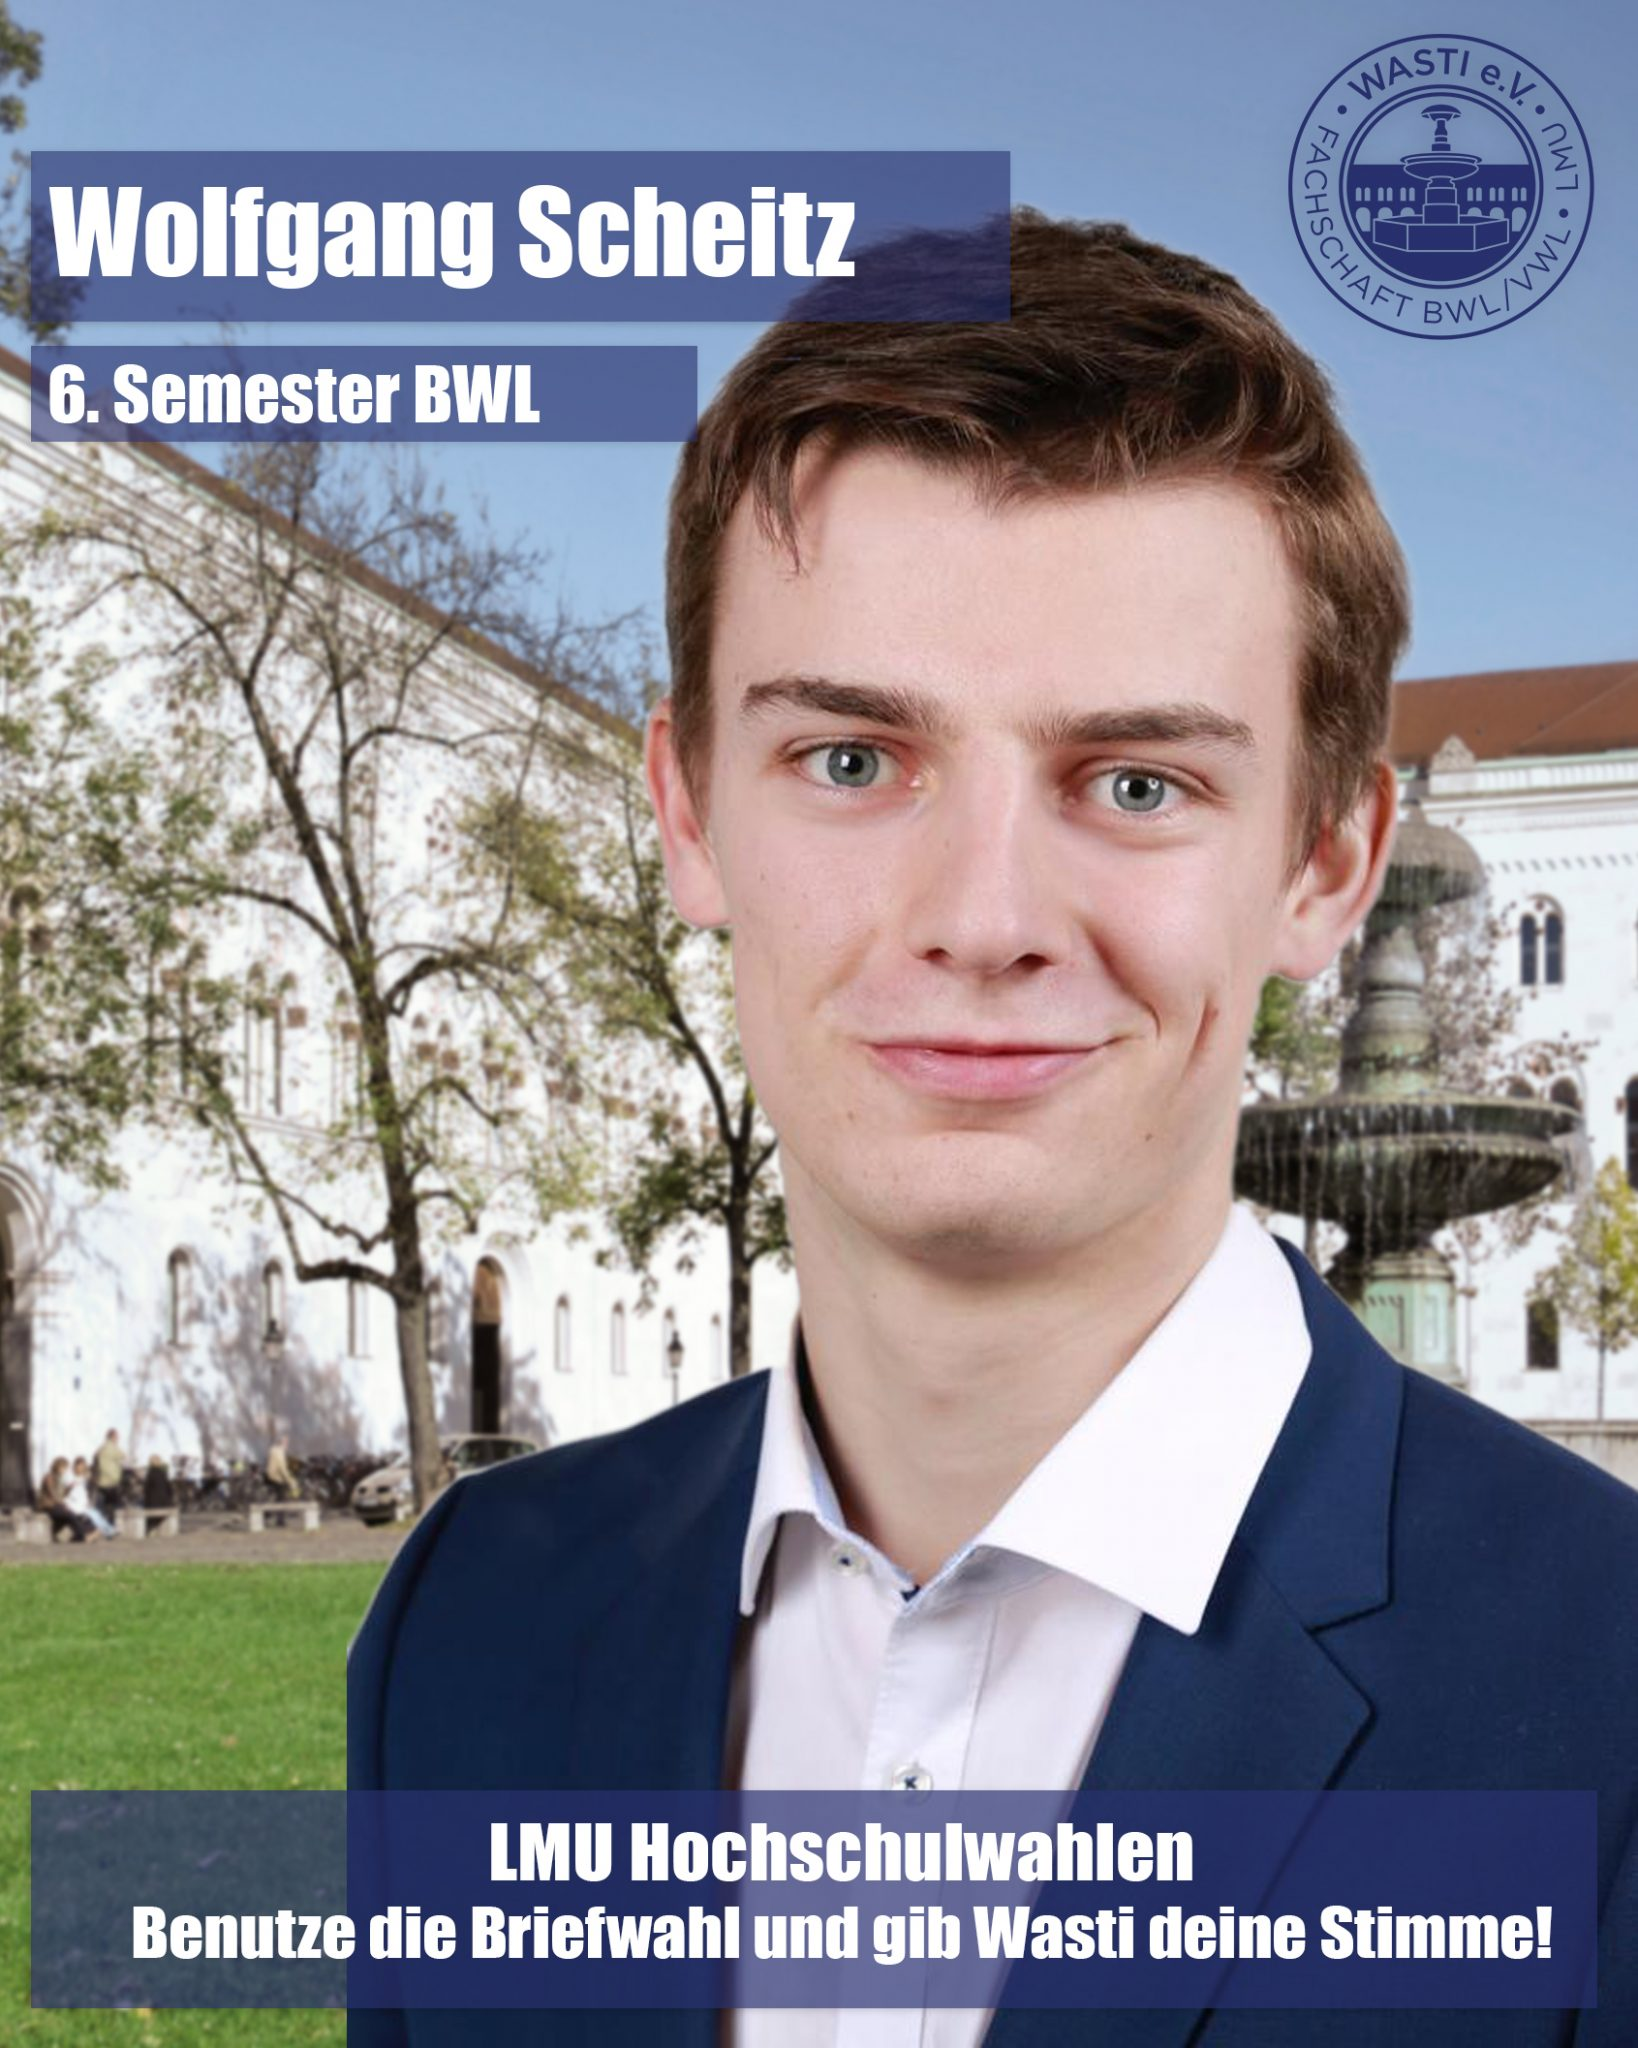 Hochschulwahlen 20